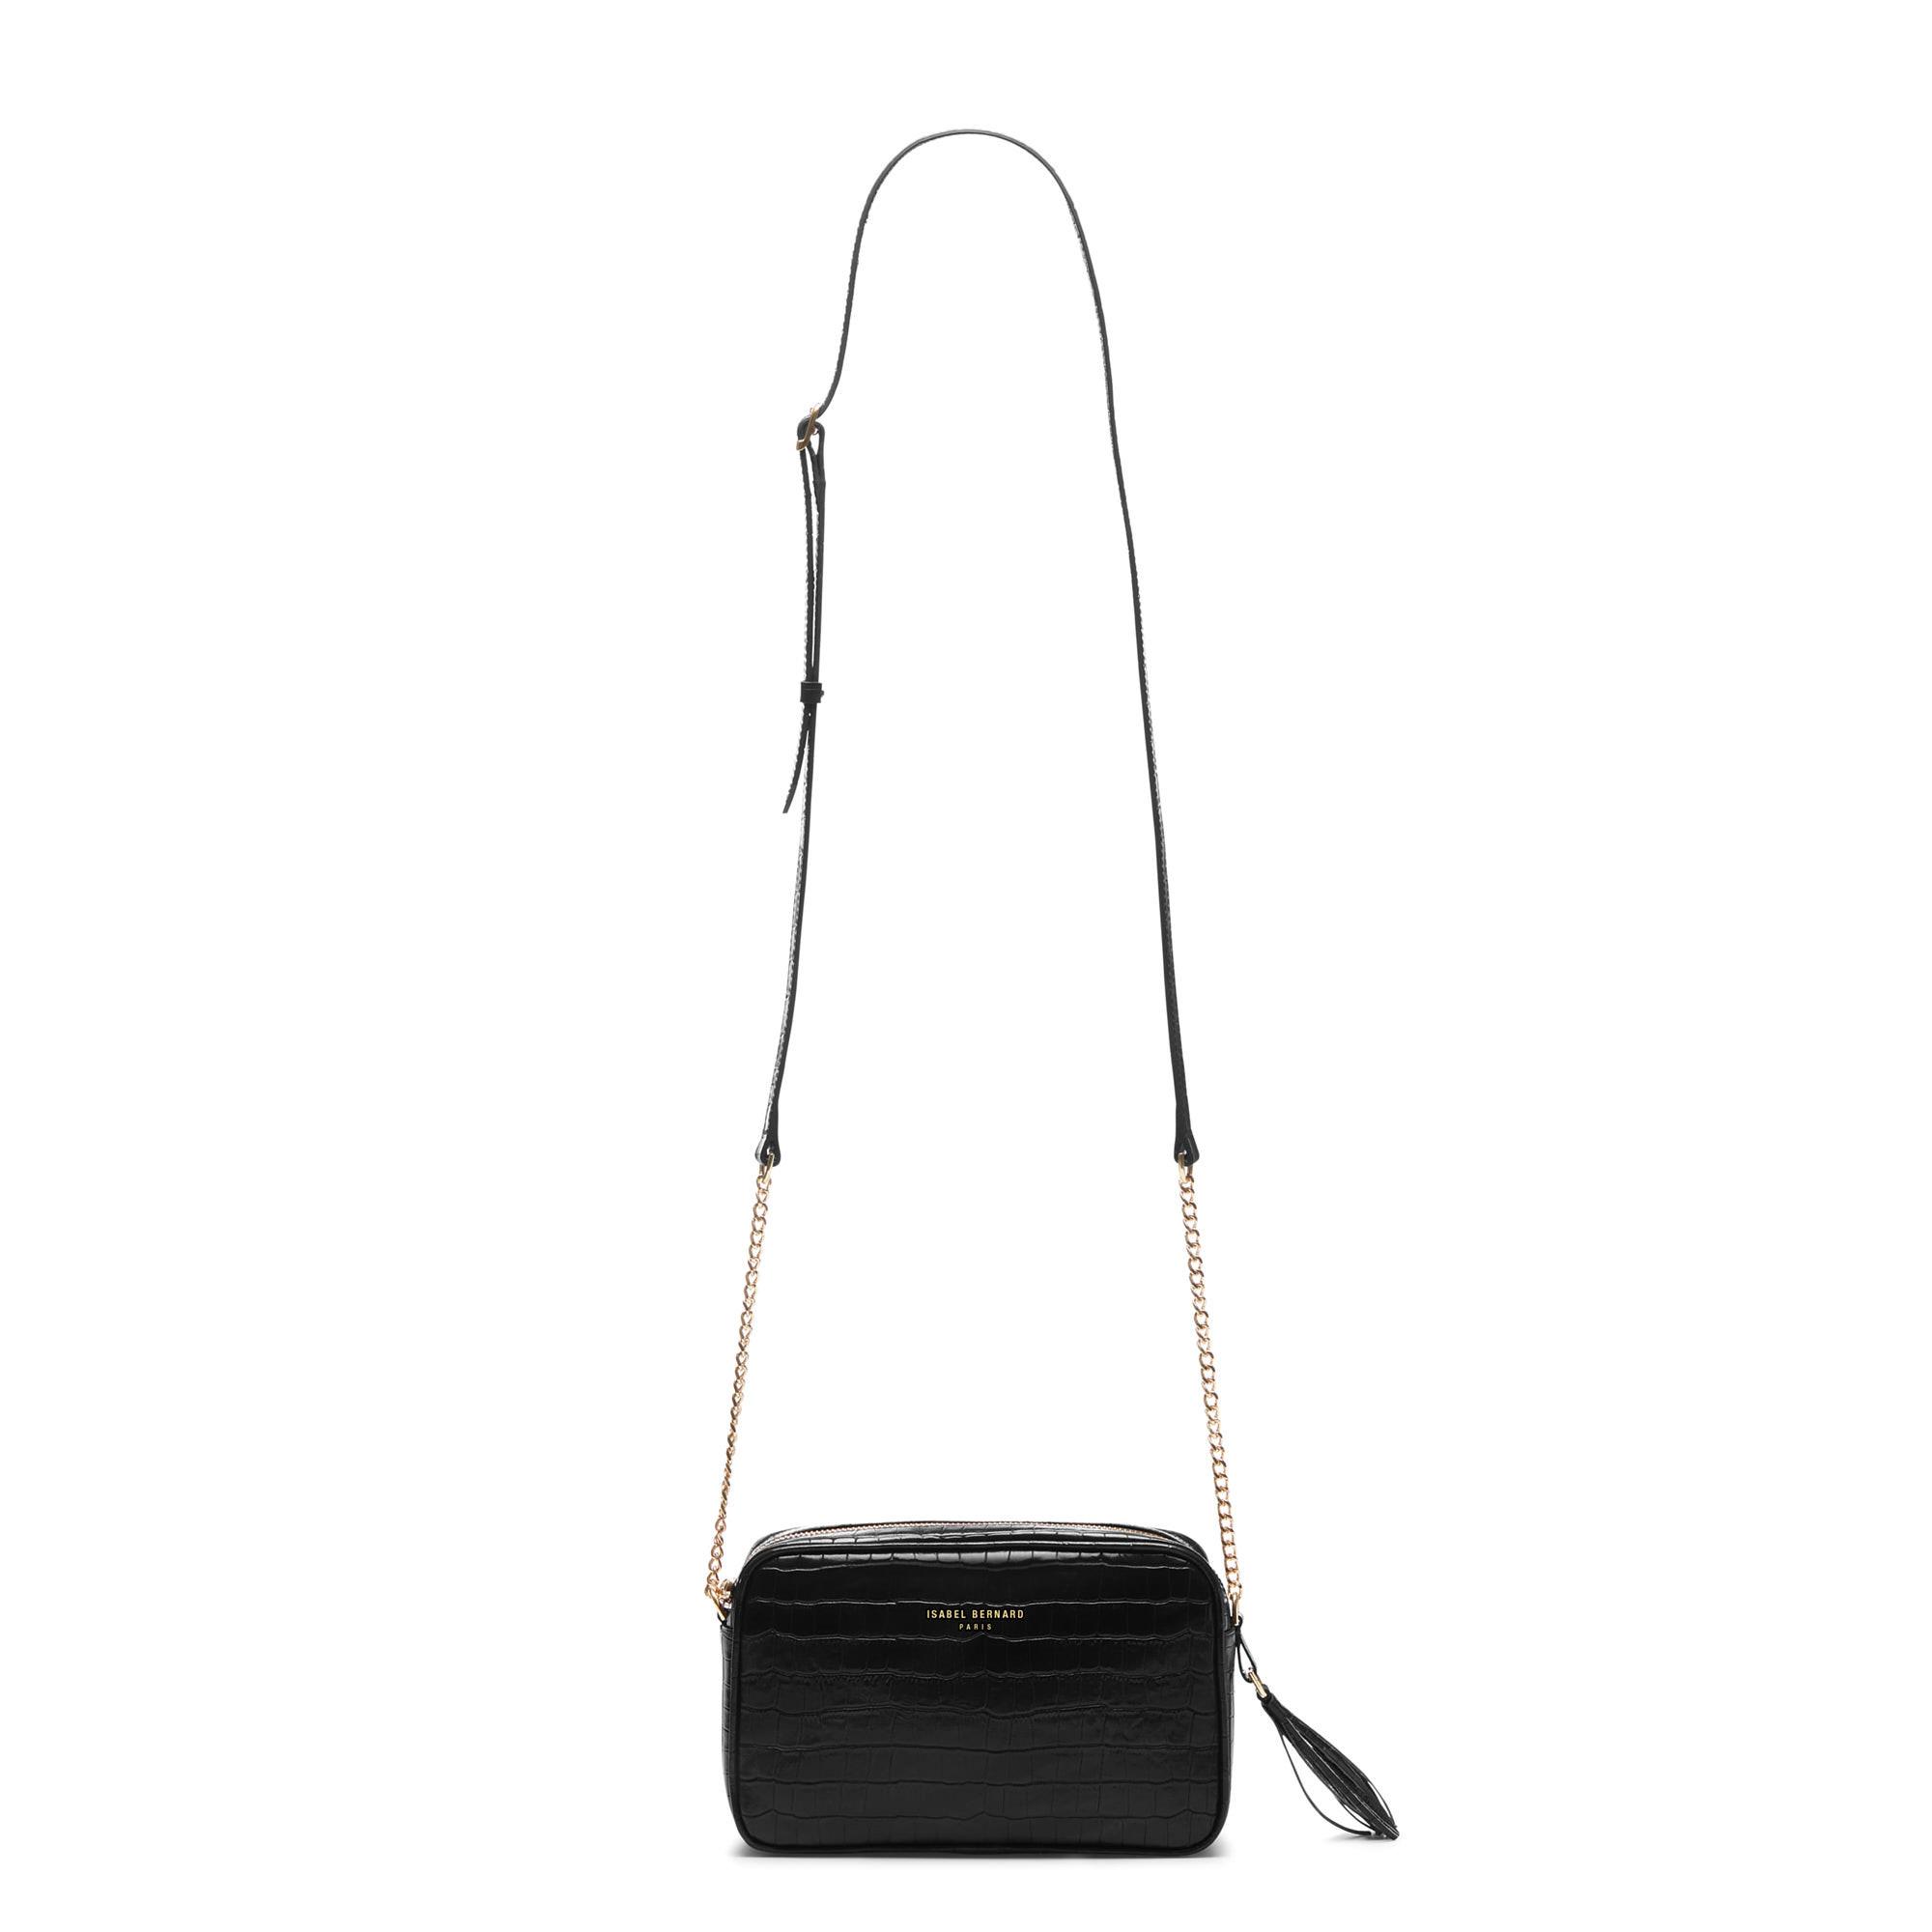 Isabel Bernard Honoré Lucie croco svart läder crossbody väska av kalvskinn